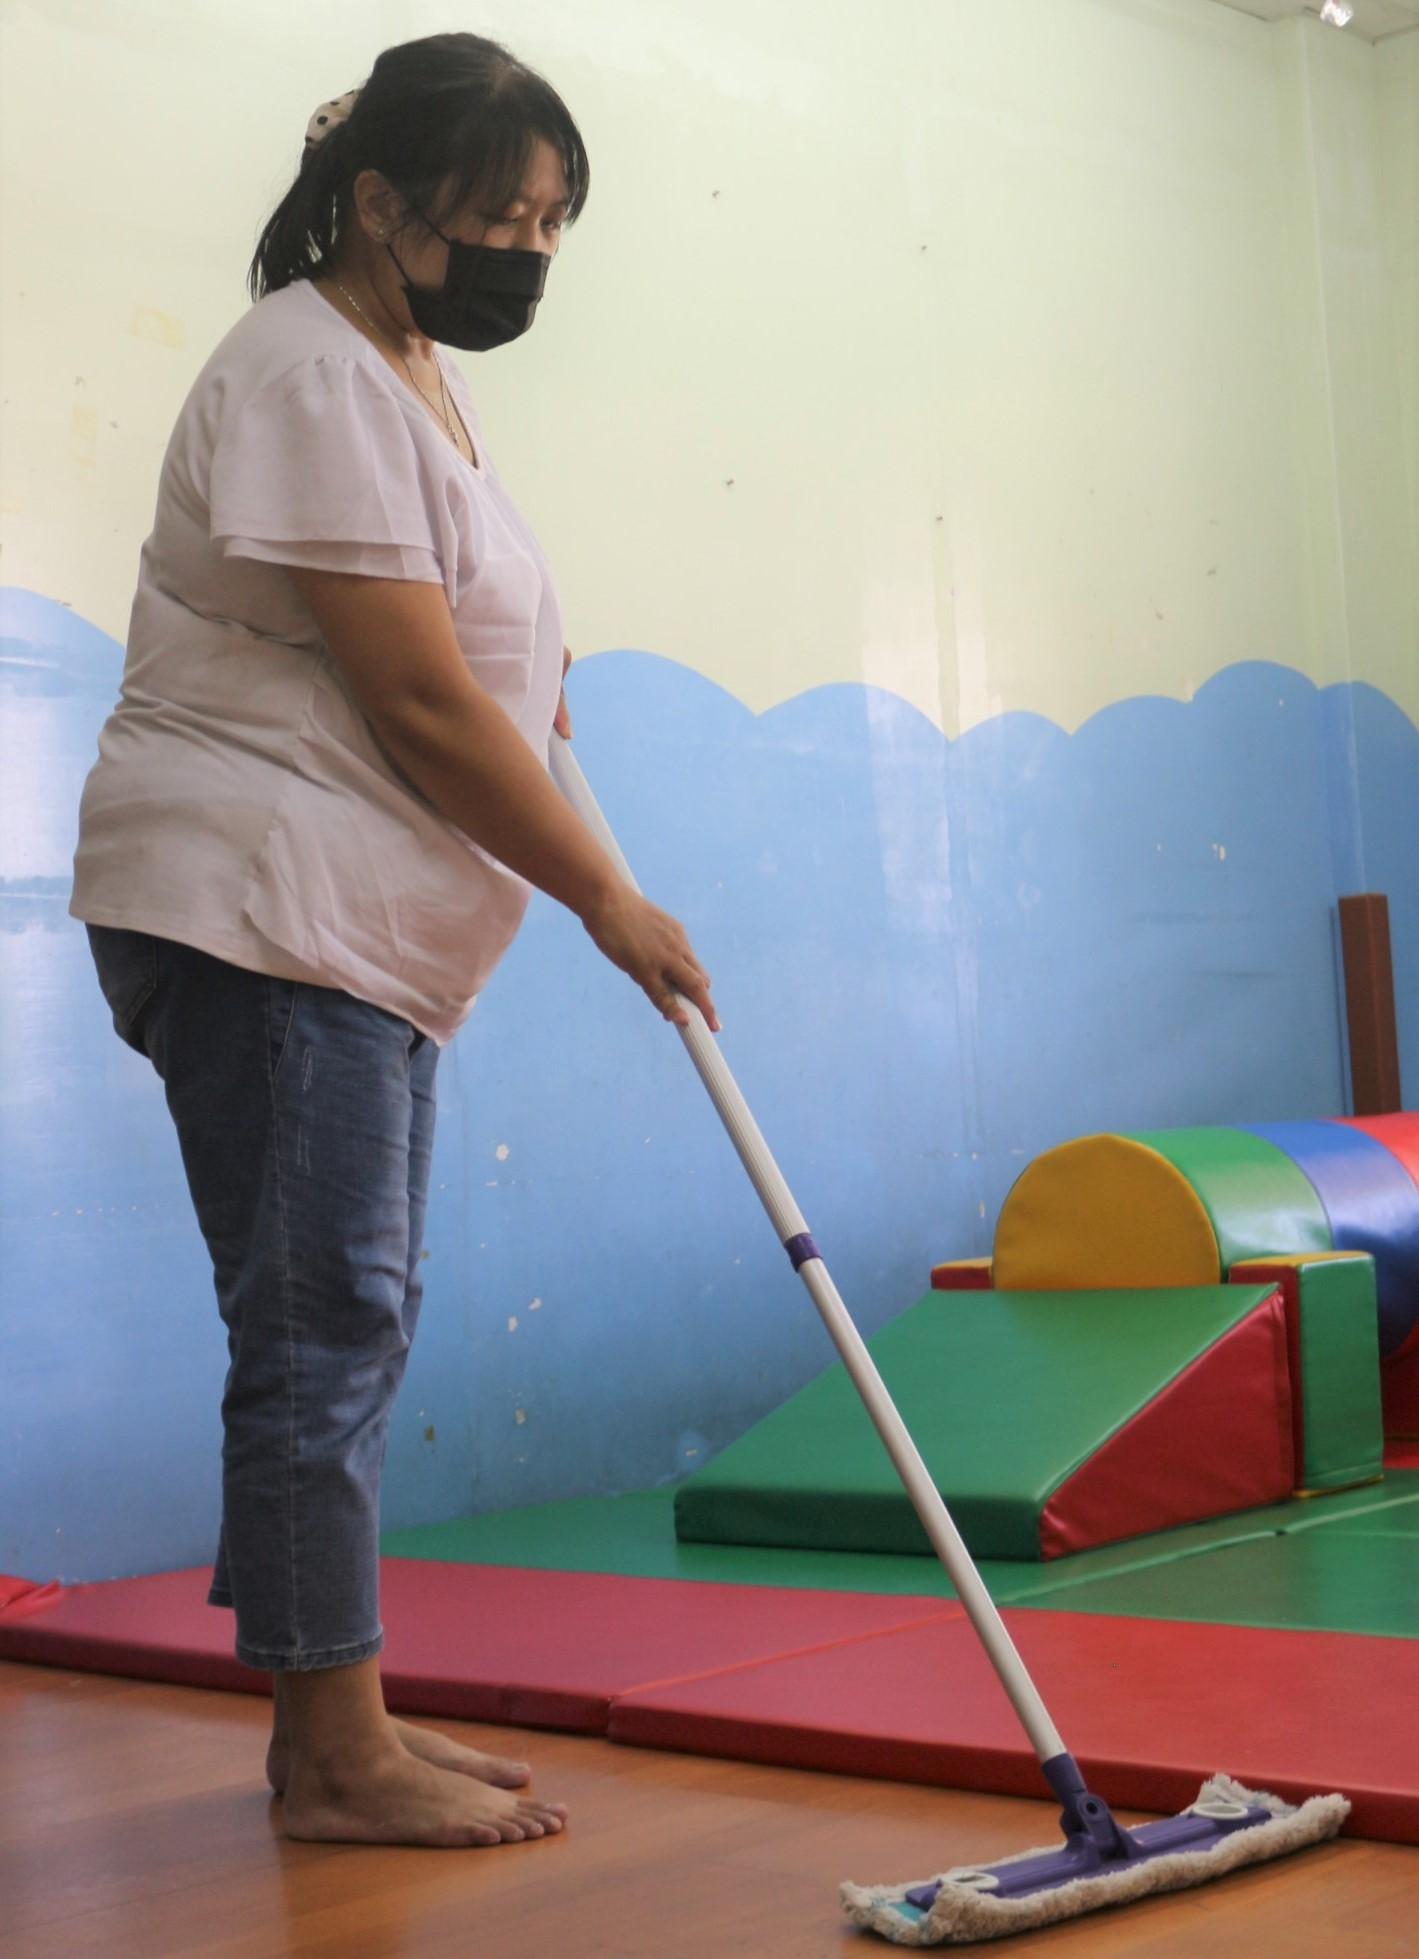 ▲阿秀(化名)說,雖然每天都要打掃清潔教室,但能讓小朋友有乾淨衛生的上課環境,就覺得付出是有價值的。